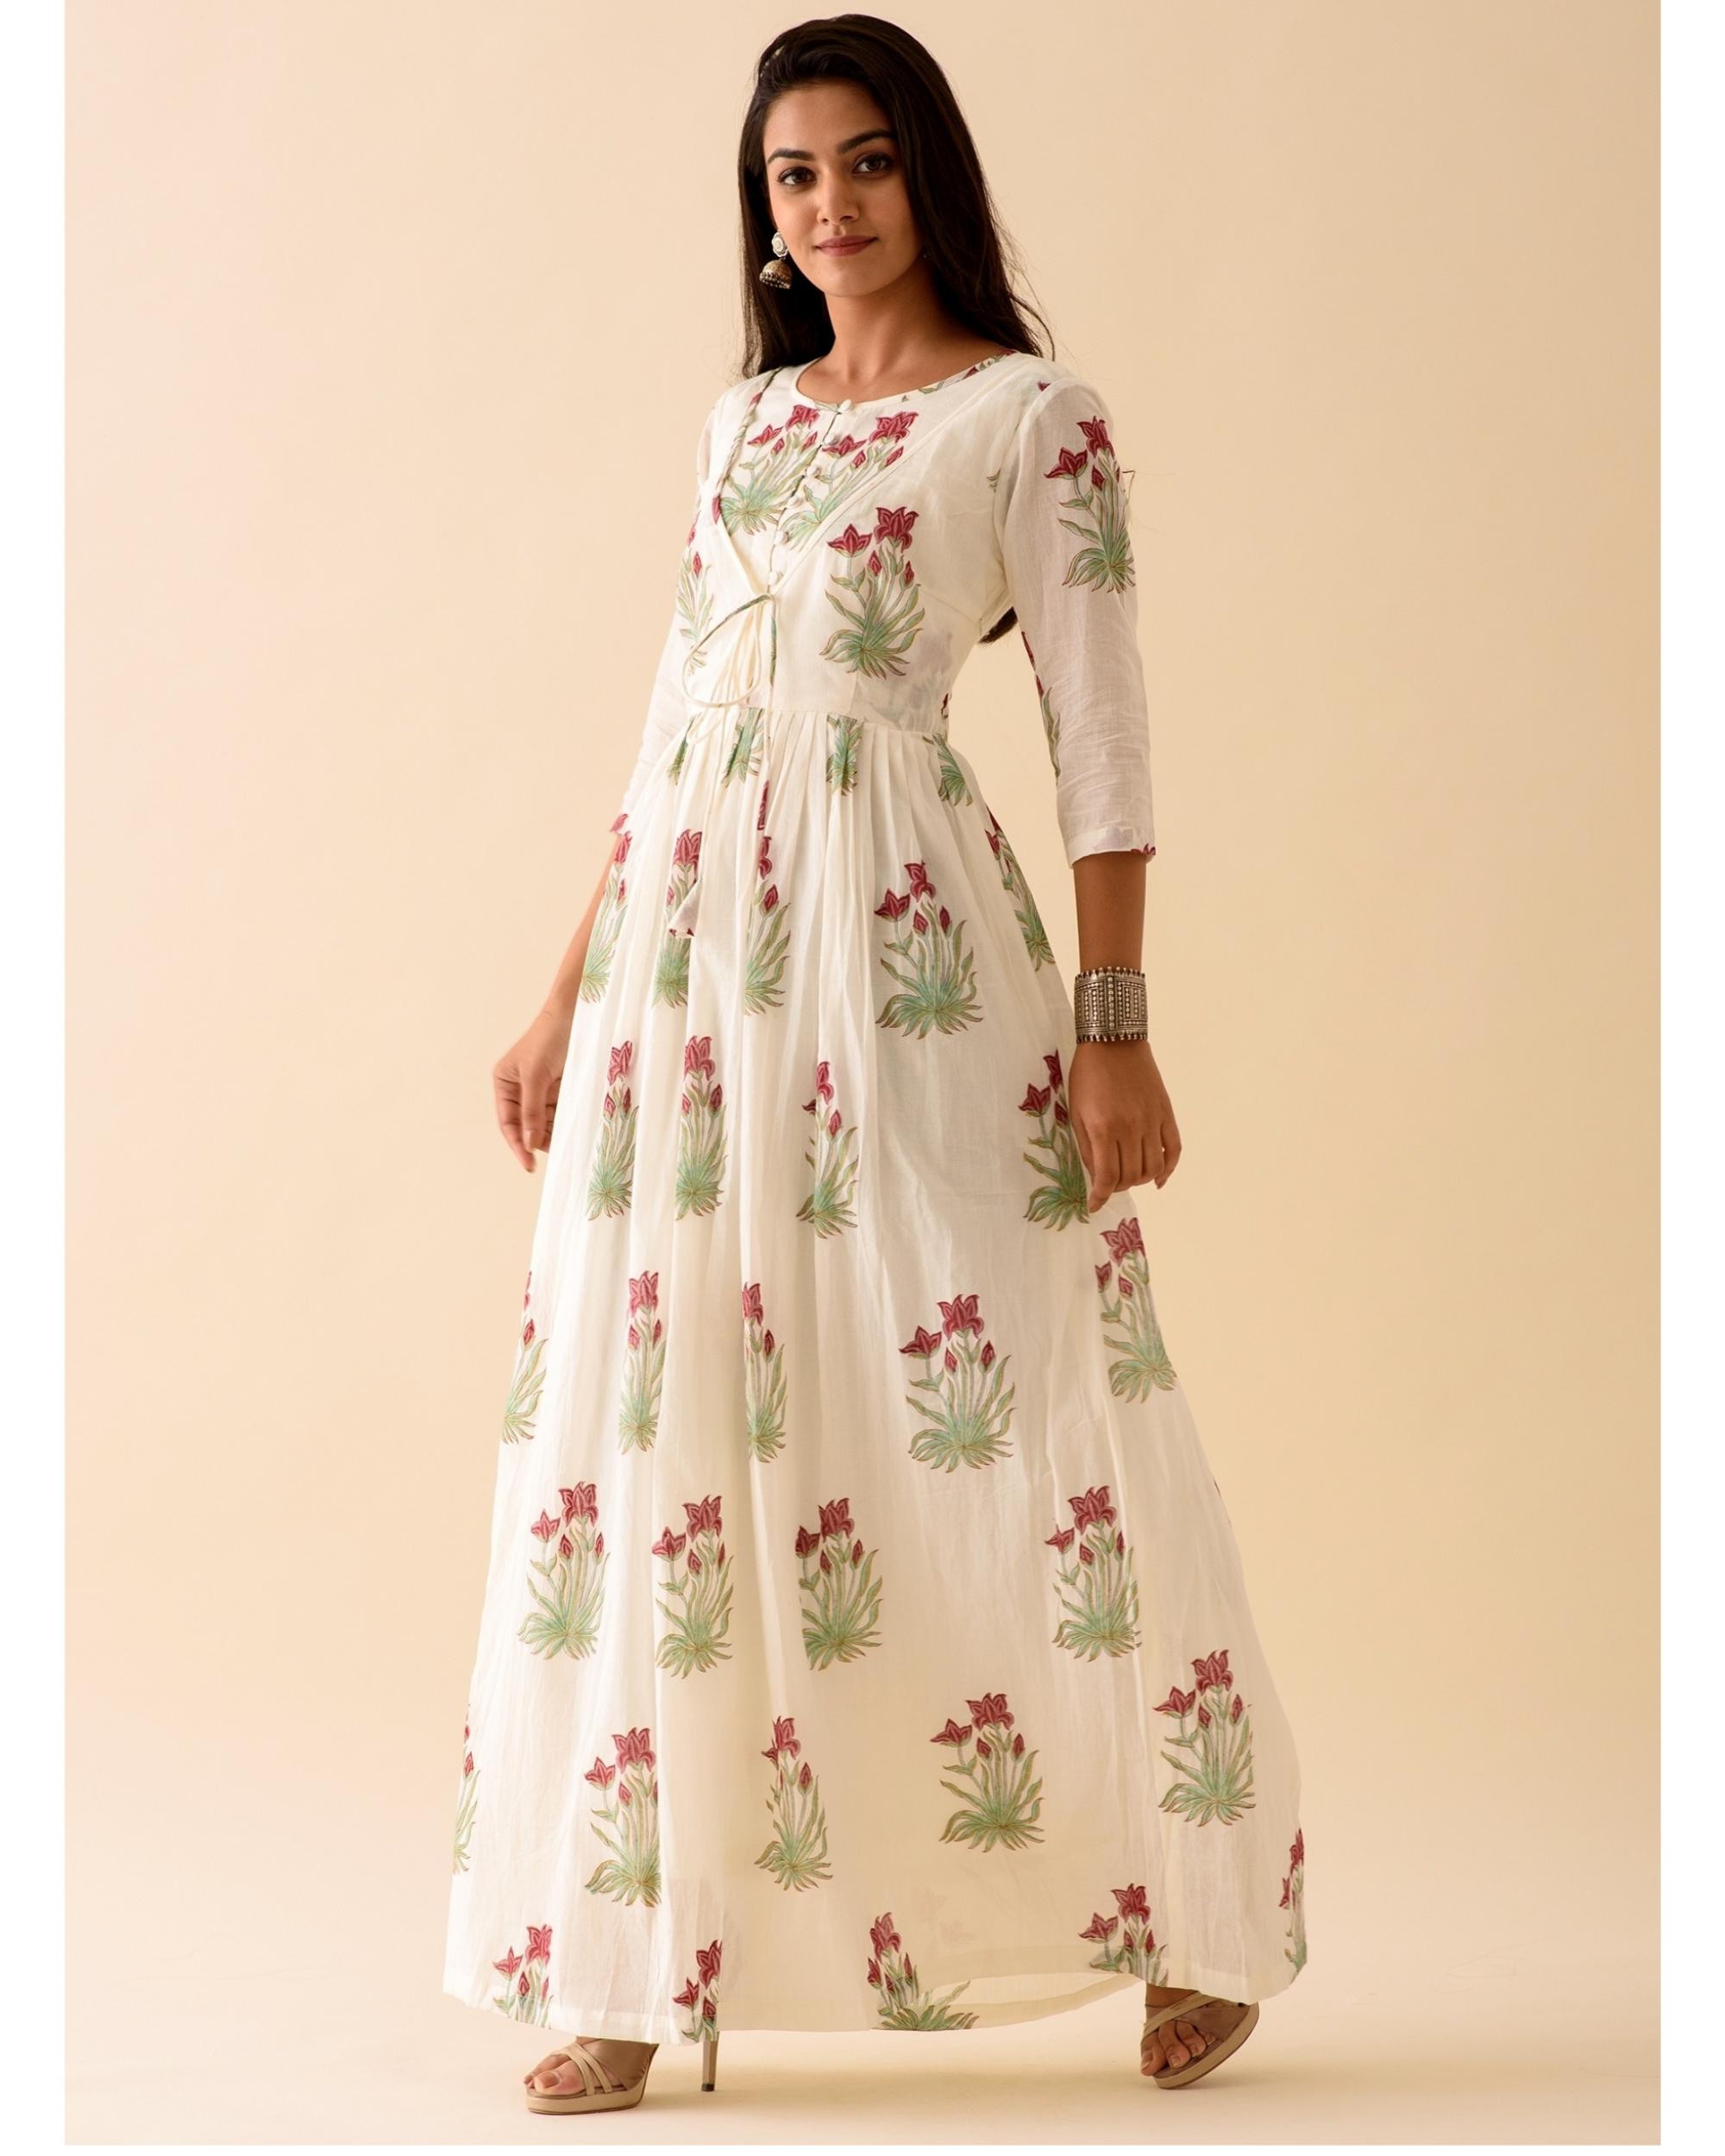 Off-white marsala print dress